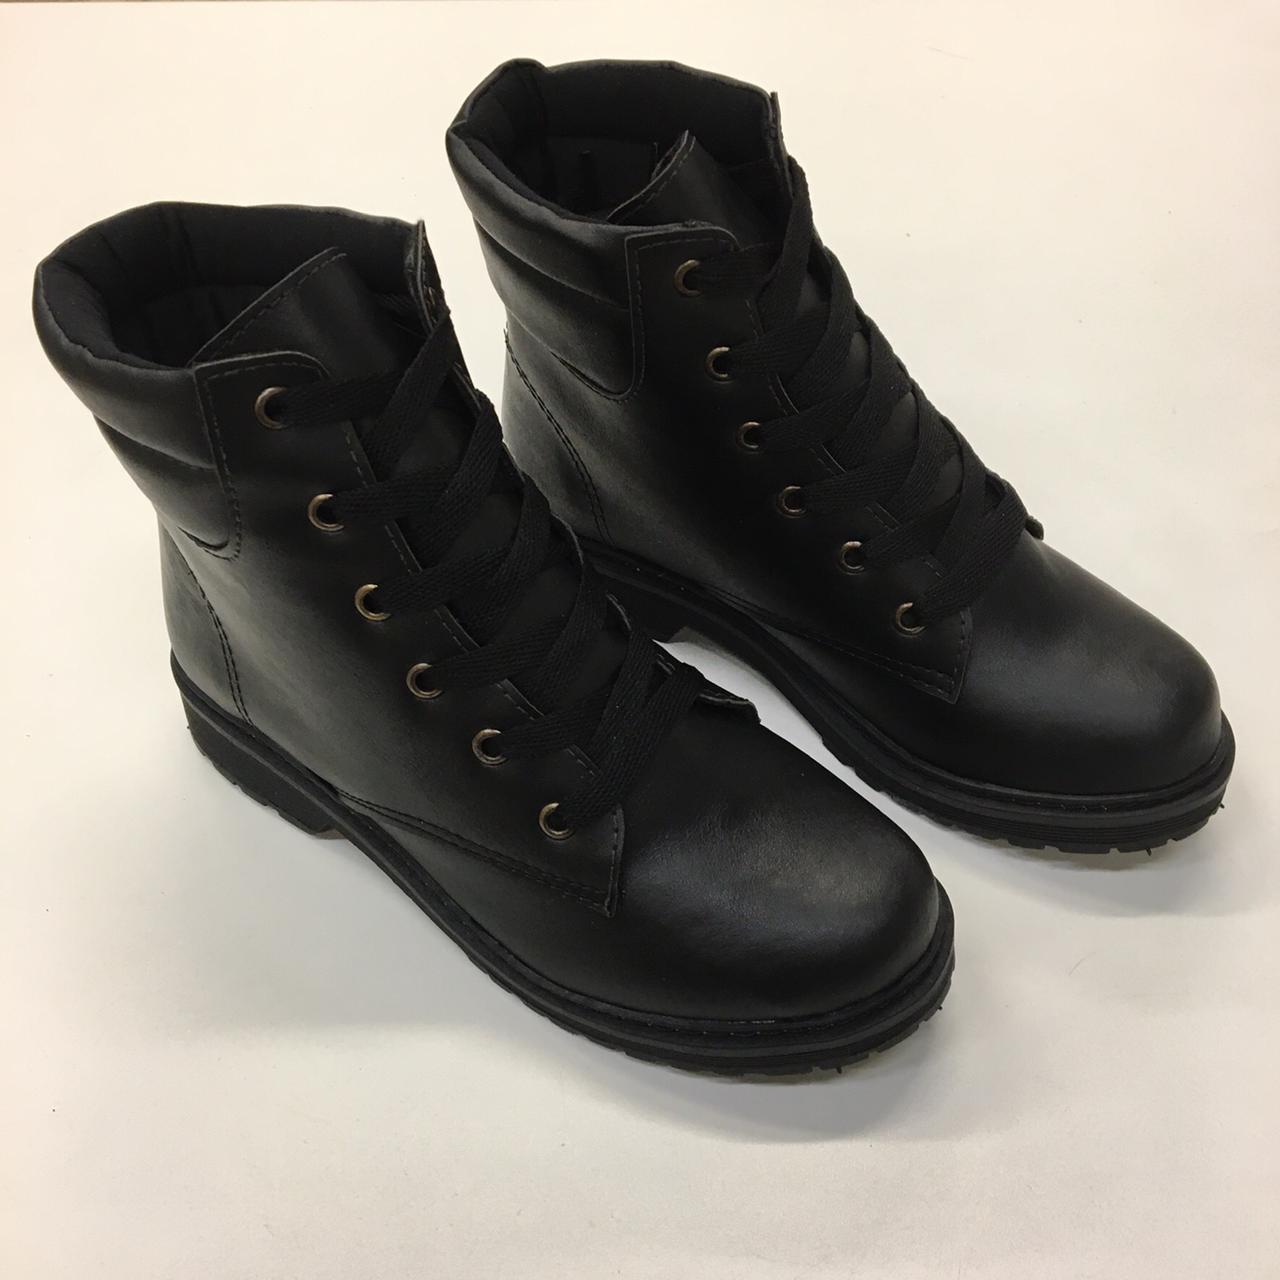 Coturno Duratti Shoes Sintético Preto